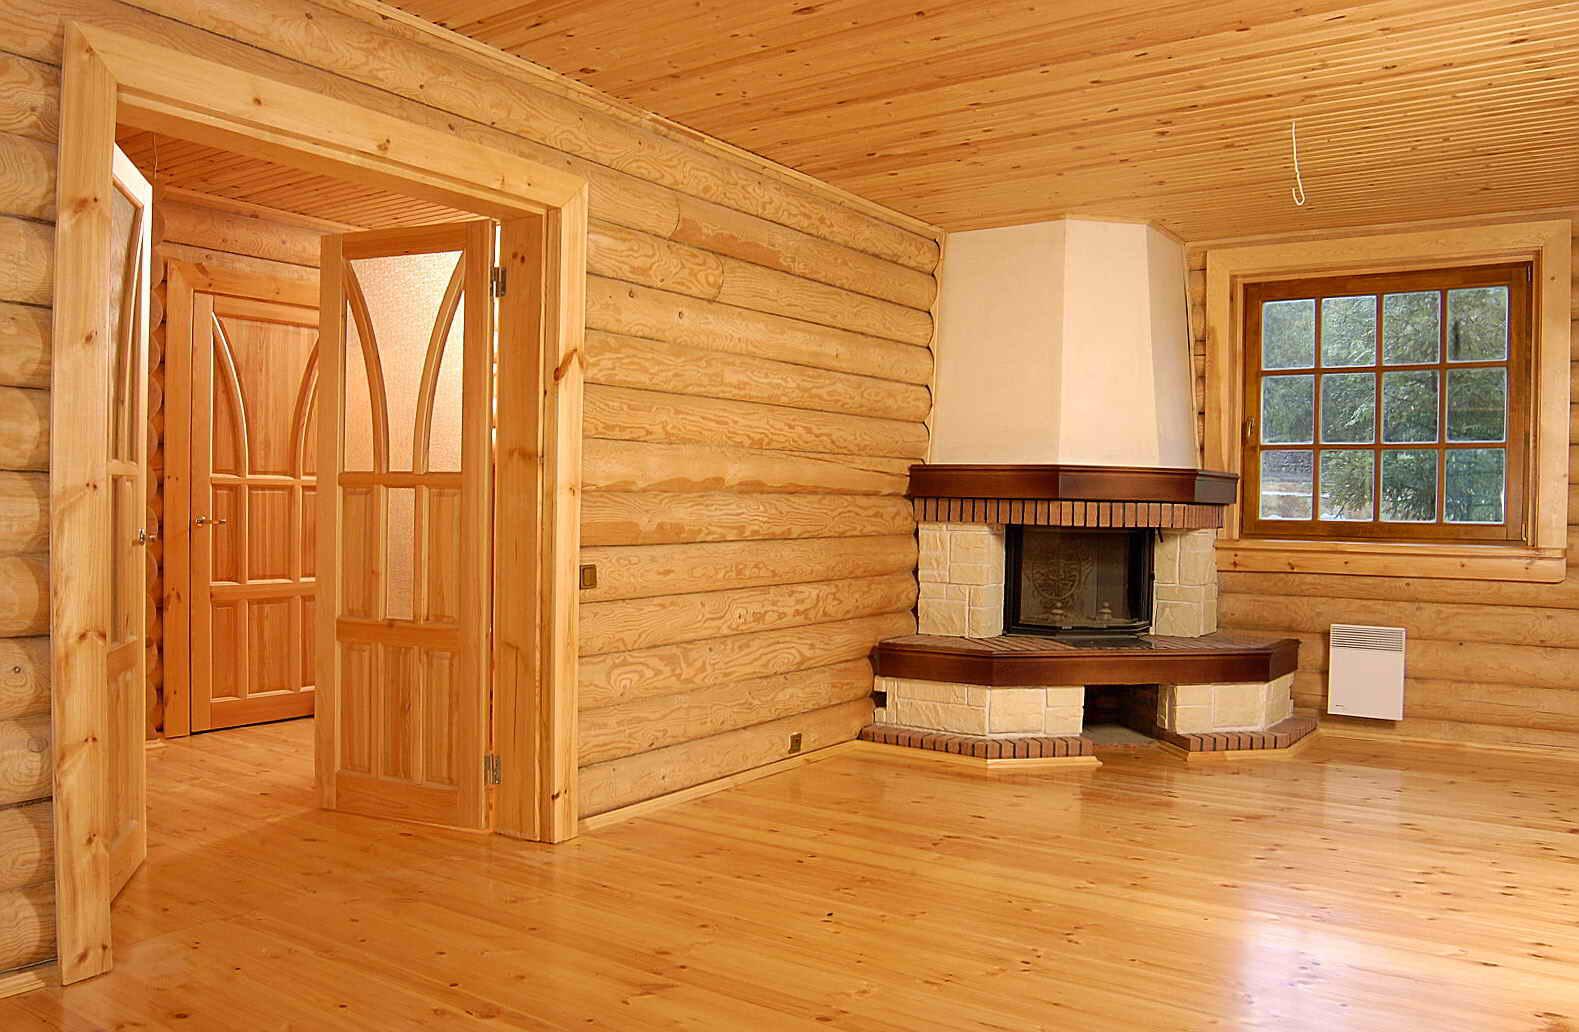 План одноэтажного дома 12 на 12 метров с 3 спальнями и